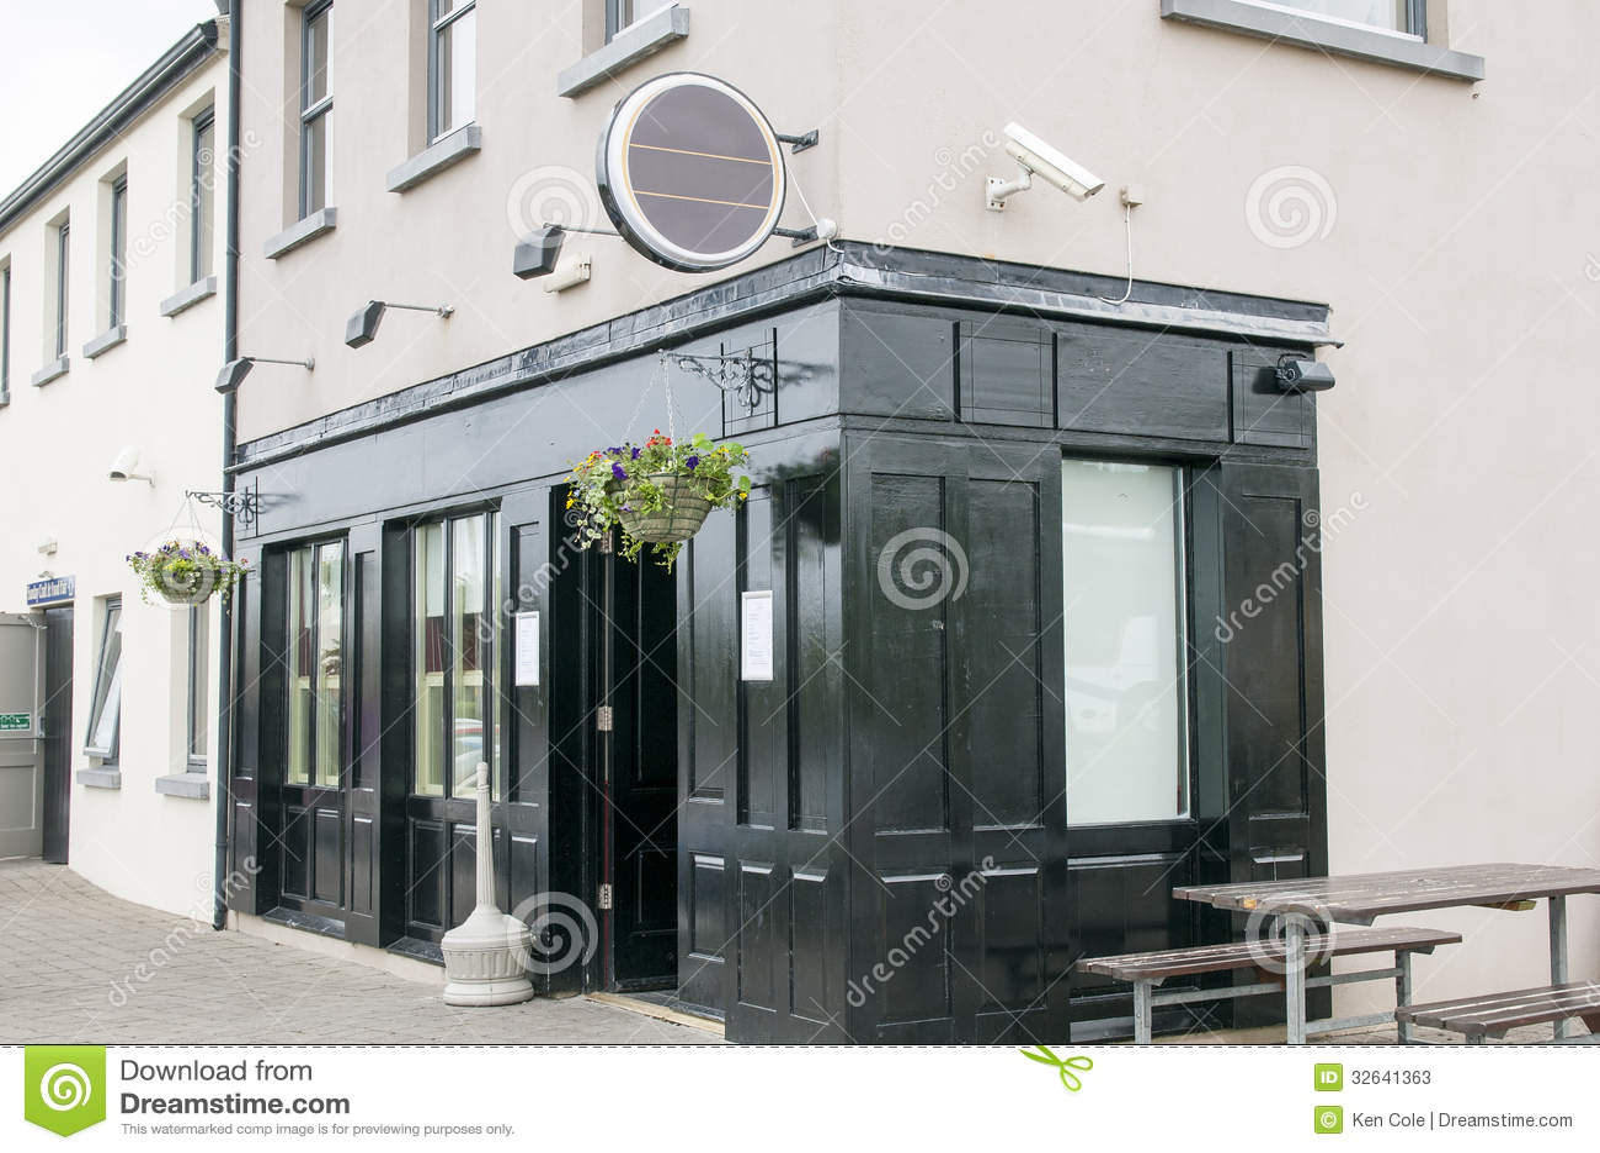 Ιρλανδική μπαρ ή ταβέρνα